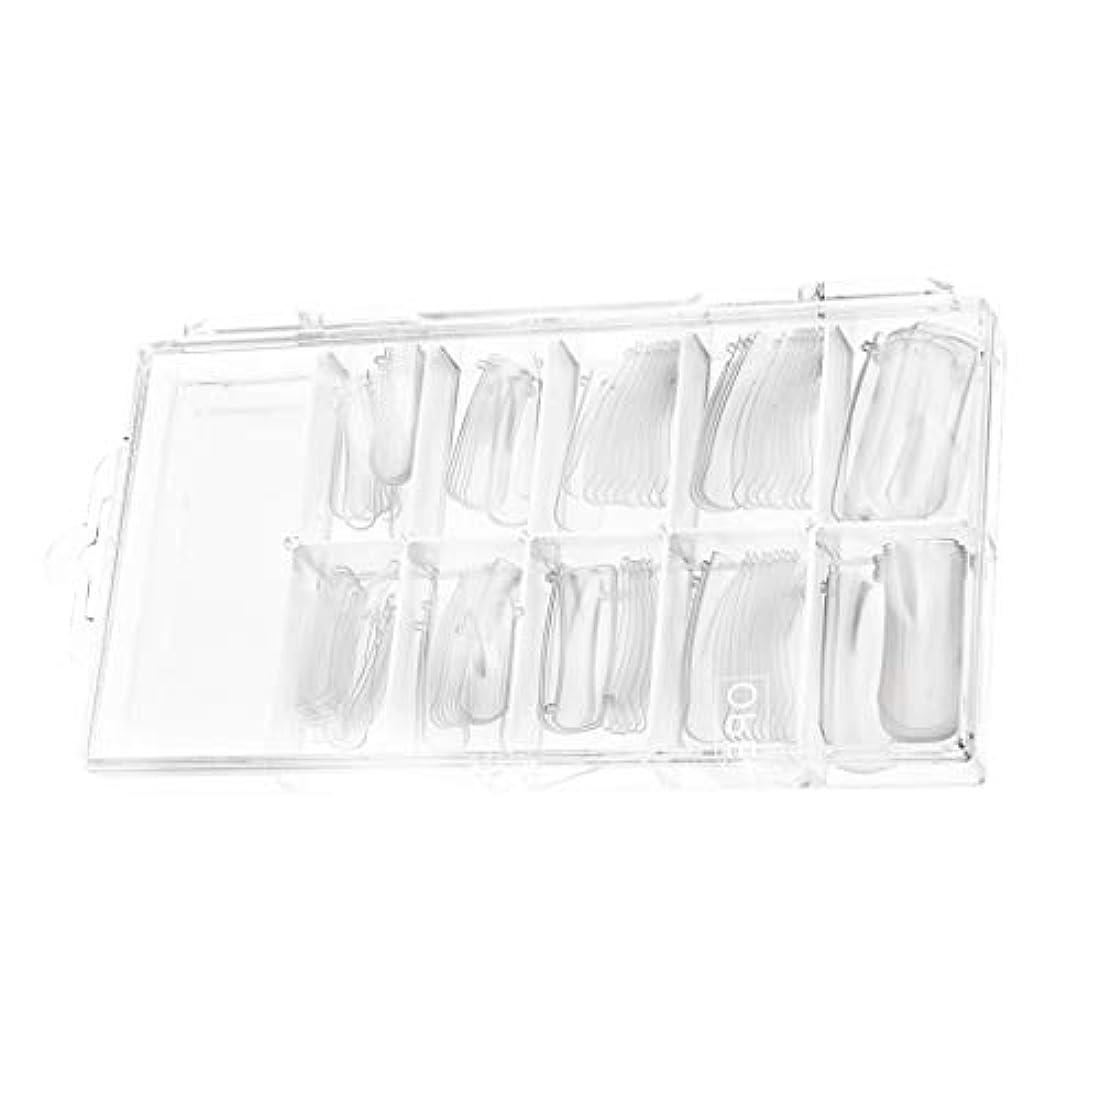 月曜日したがってハーフSM SunniMix 100個入り ネイルチップつけ爪 ネイル用品 ショート デコレーション 長い 無地 付け爪 練習用